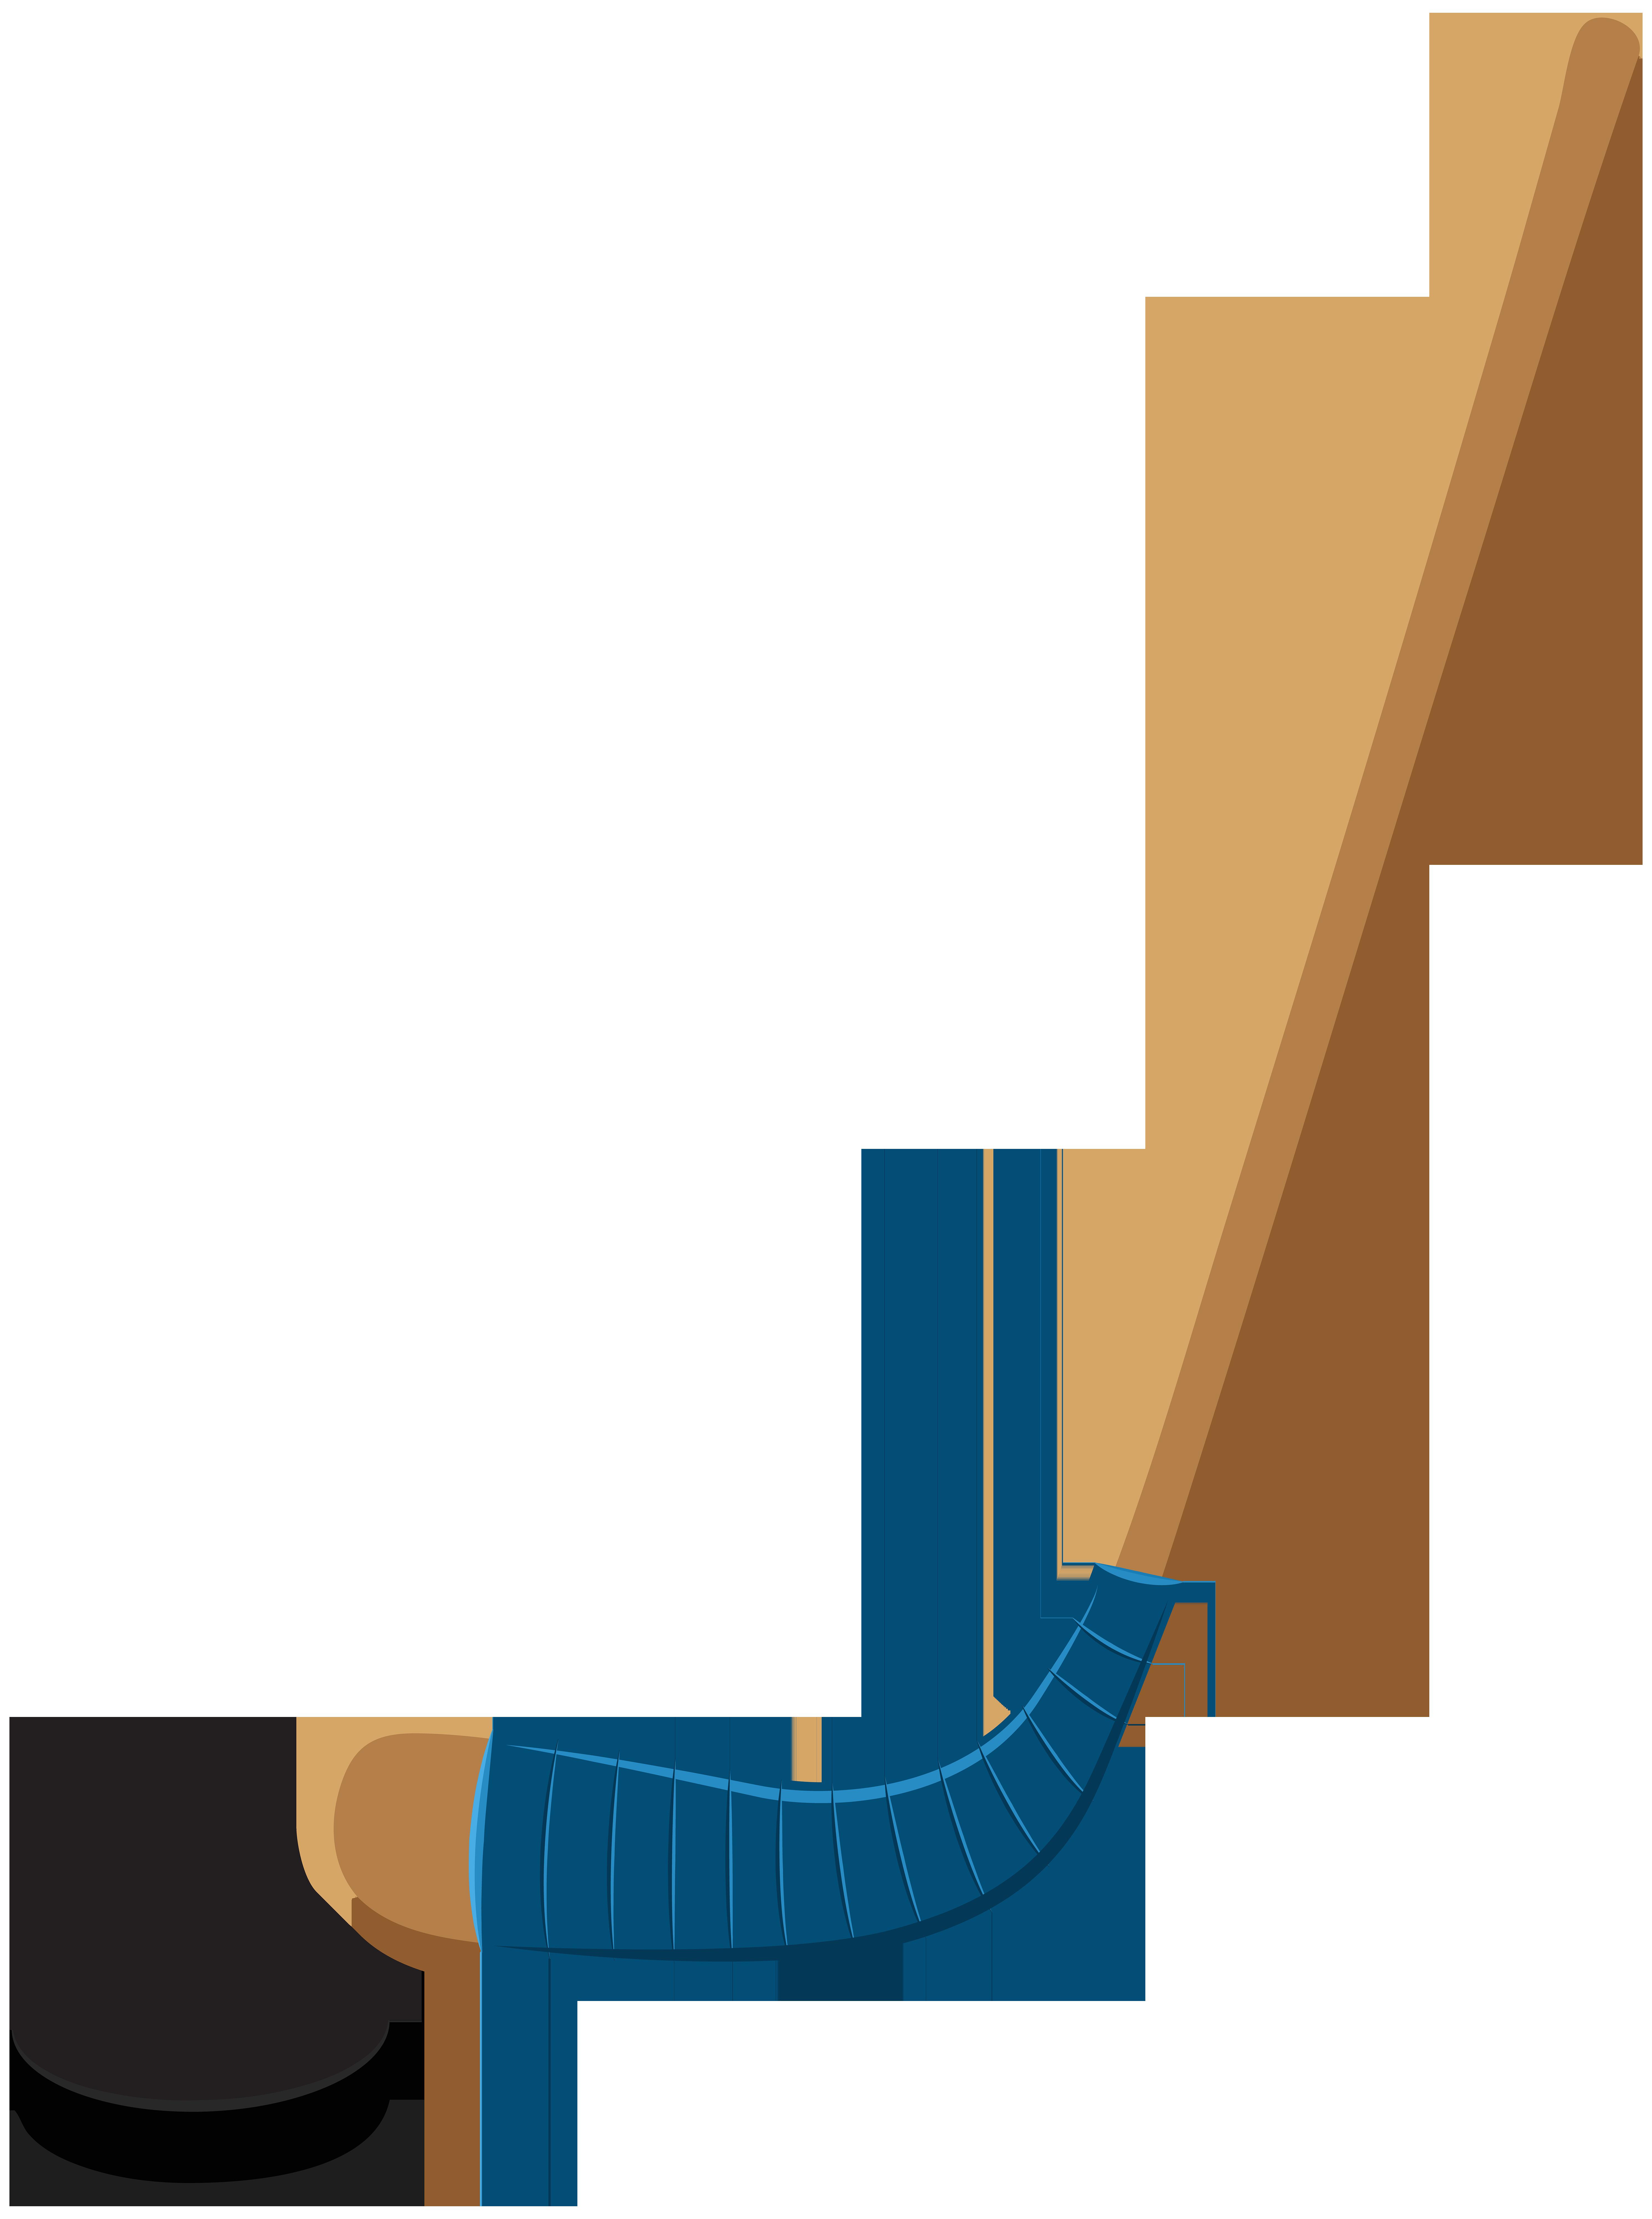 Hockey clipart hokey. Stick clip art image